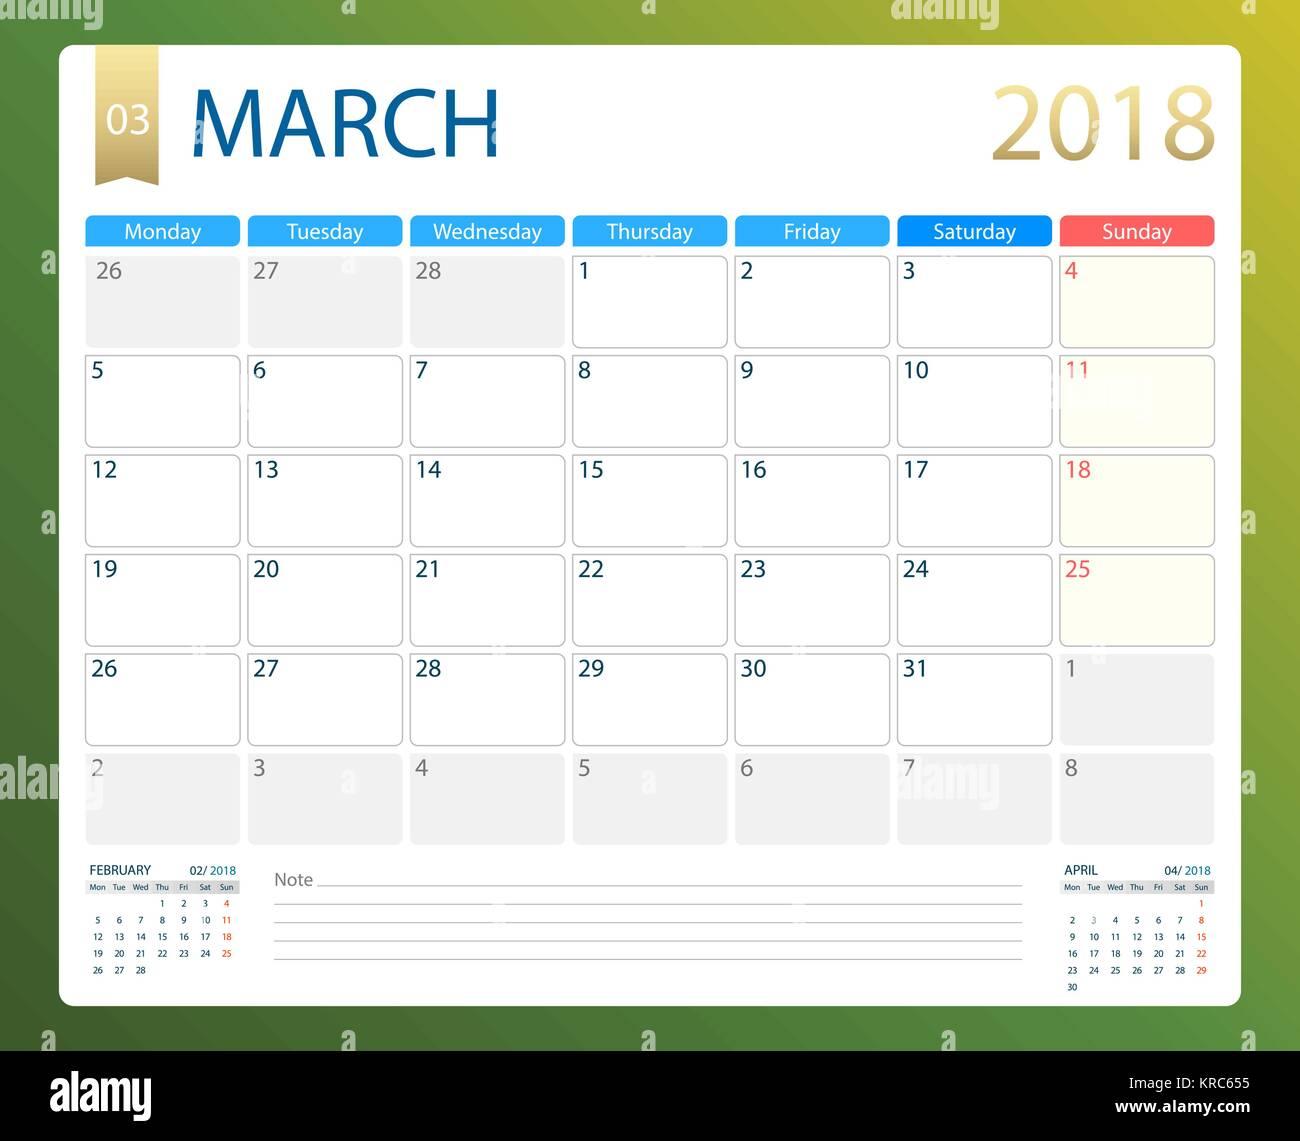 March 2018 Illustration Vector Calendar Or Desk Planner Weeks